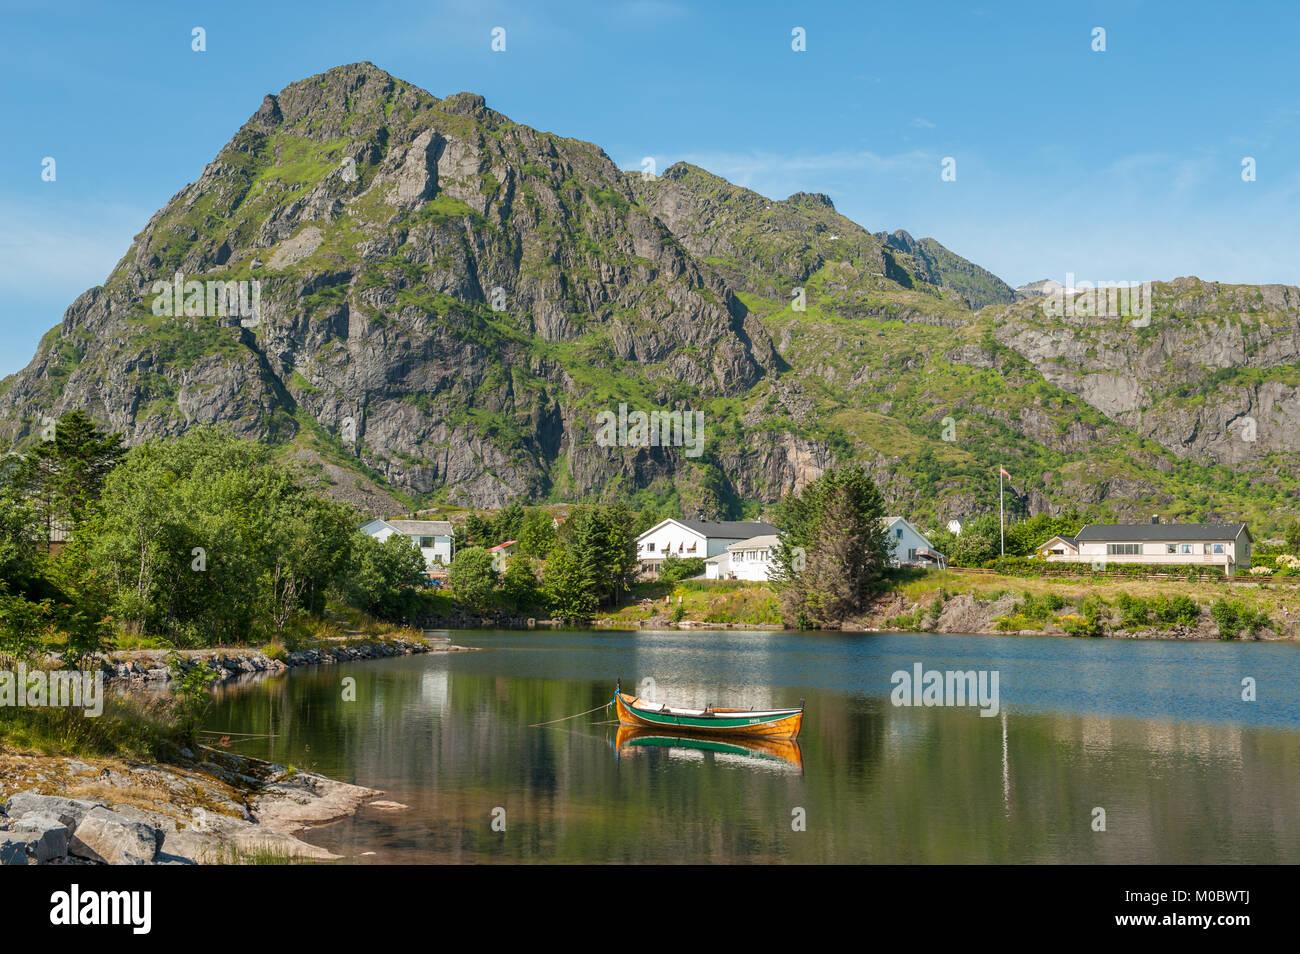 Paesaggio estivo a Sorvagen sulle isole Lofoten in Norvegia settentrionale Immagini Stock